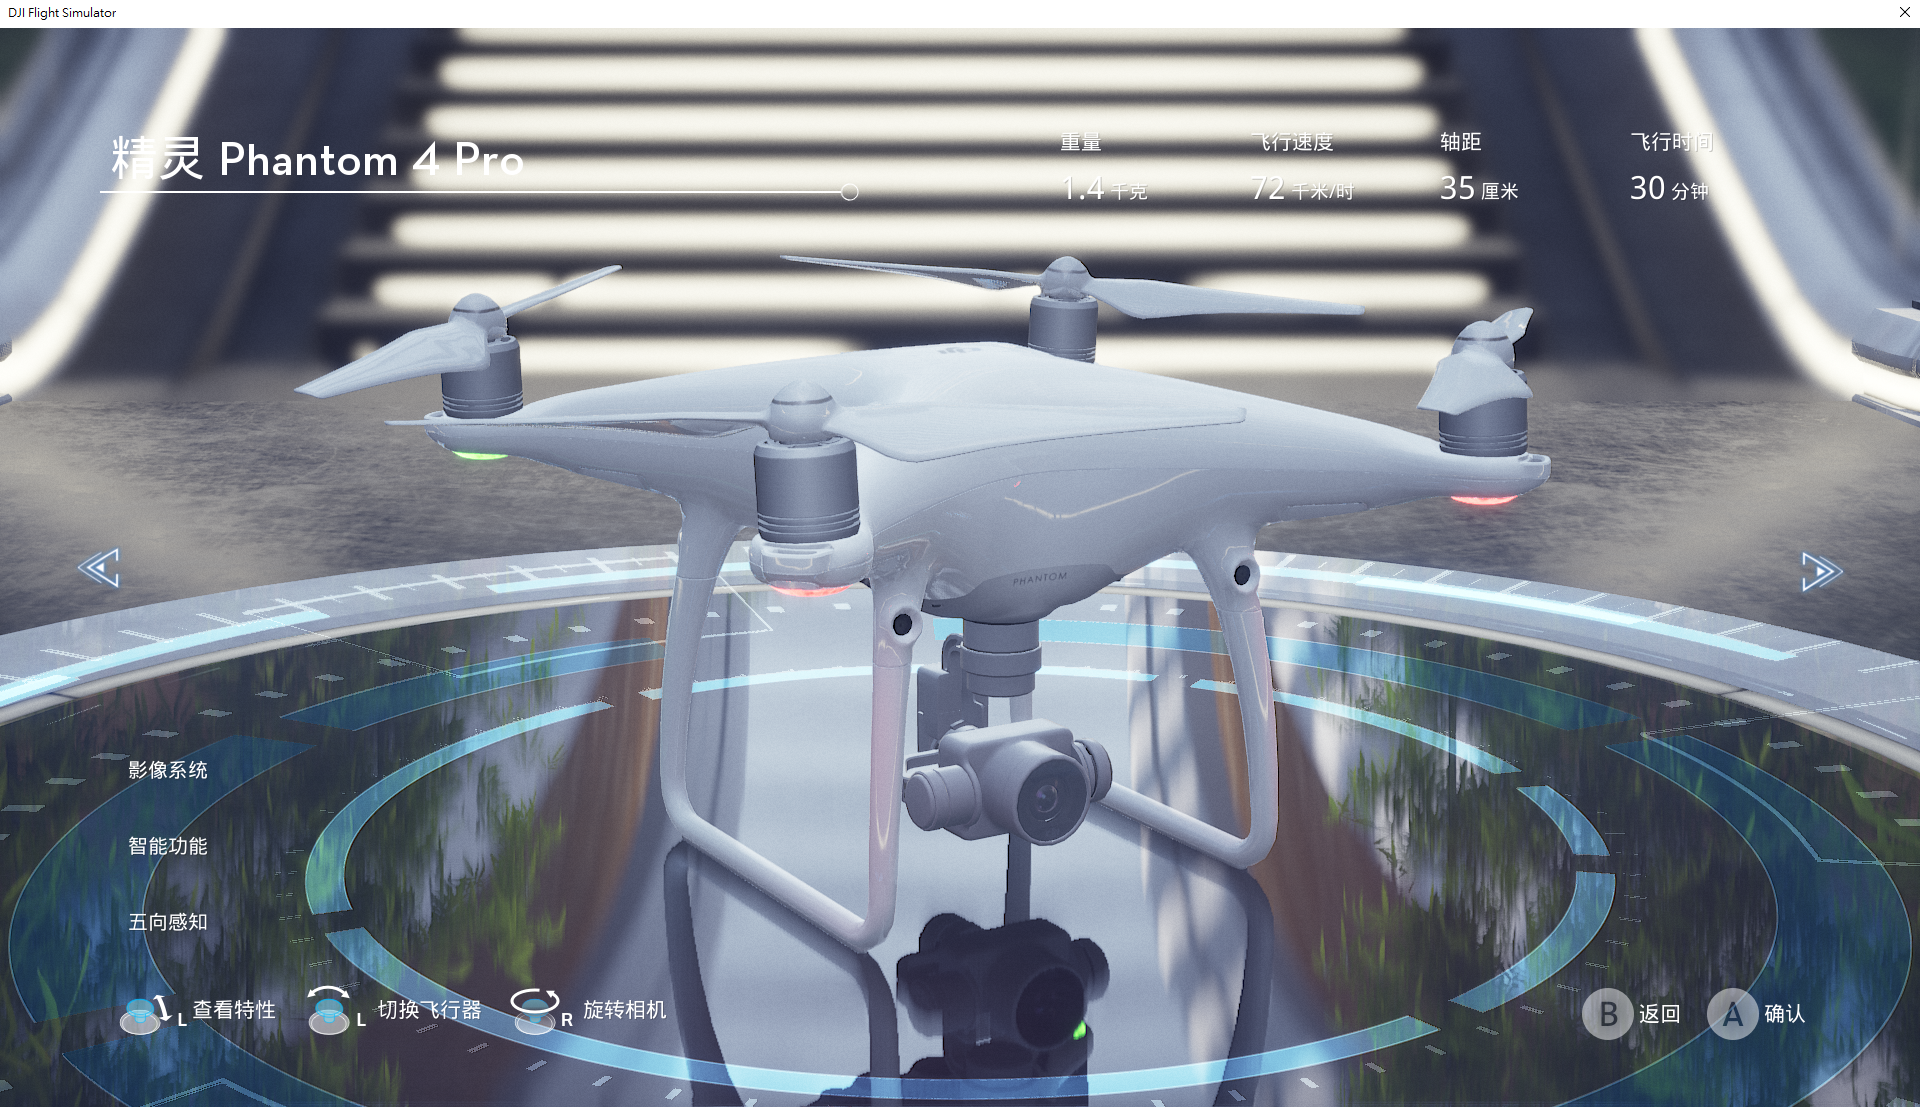 DJI FLIGHT SIMULATOR-Phantom4 Pro